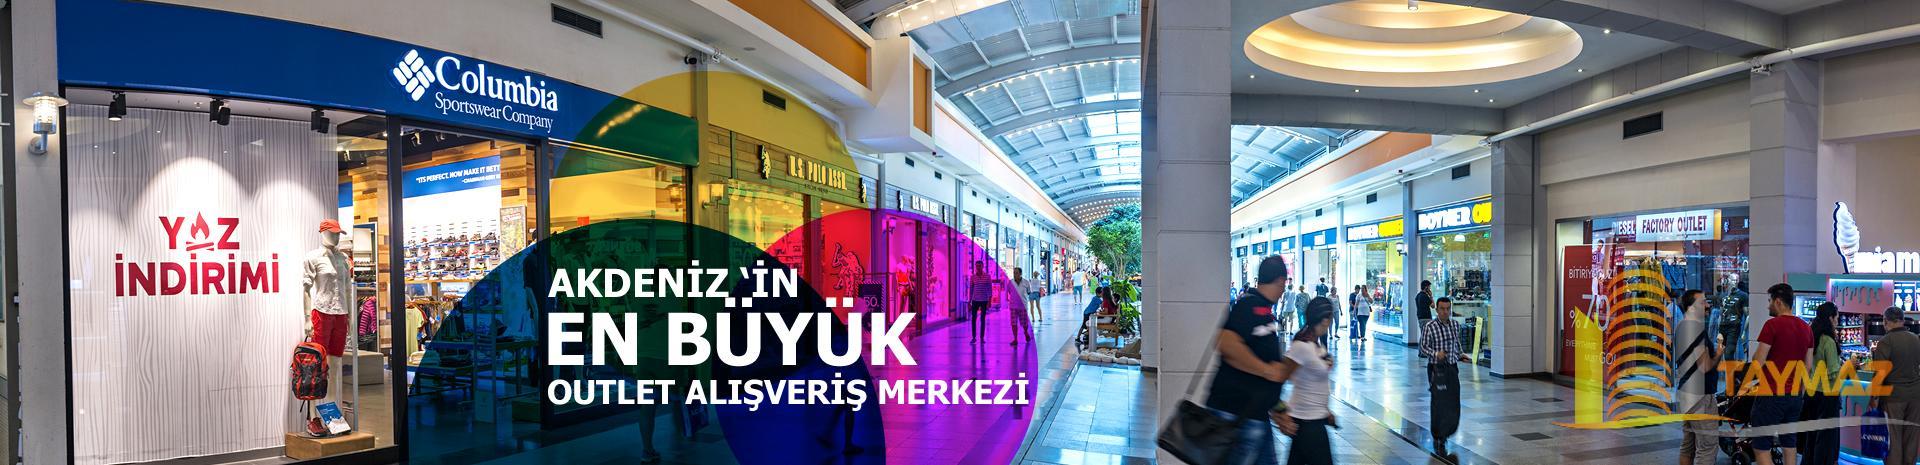 ترکیه - واگذاری کافه، رستوران، فست فود در ترکیه